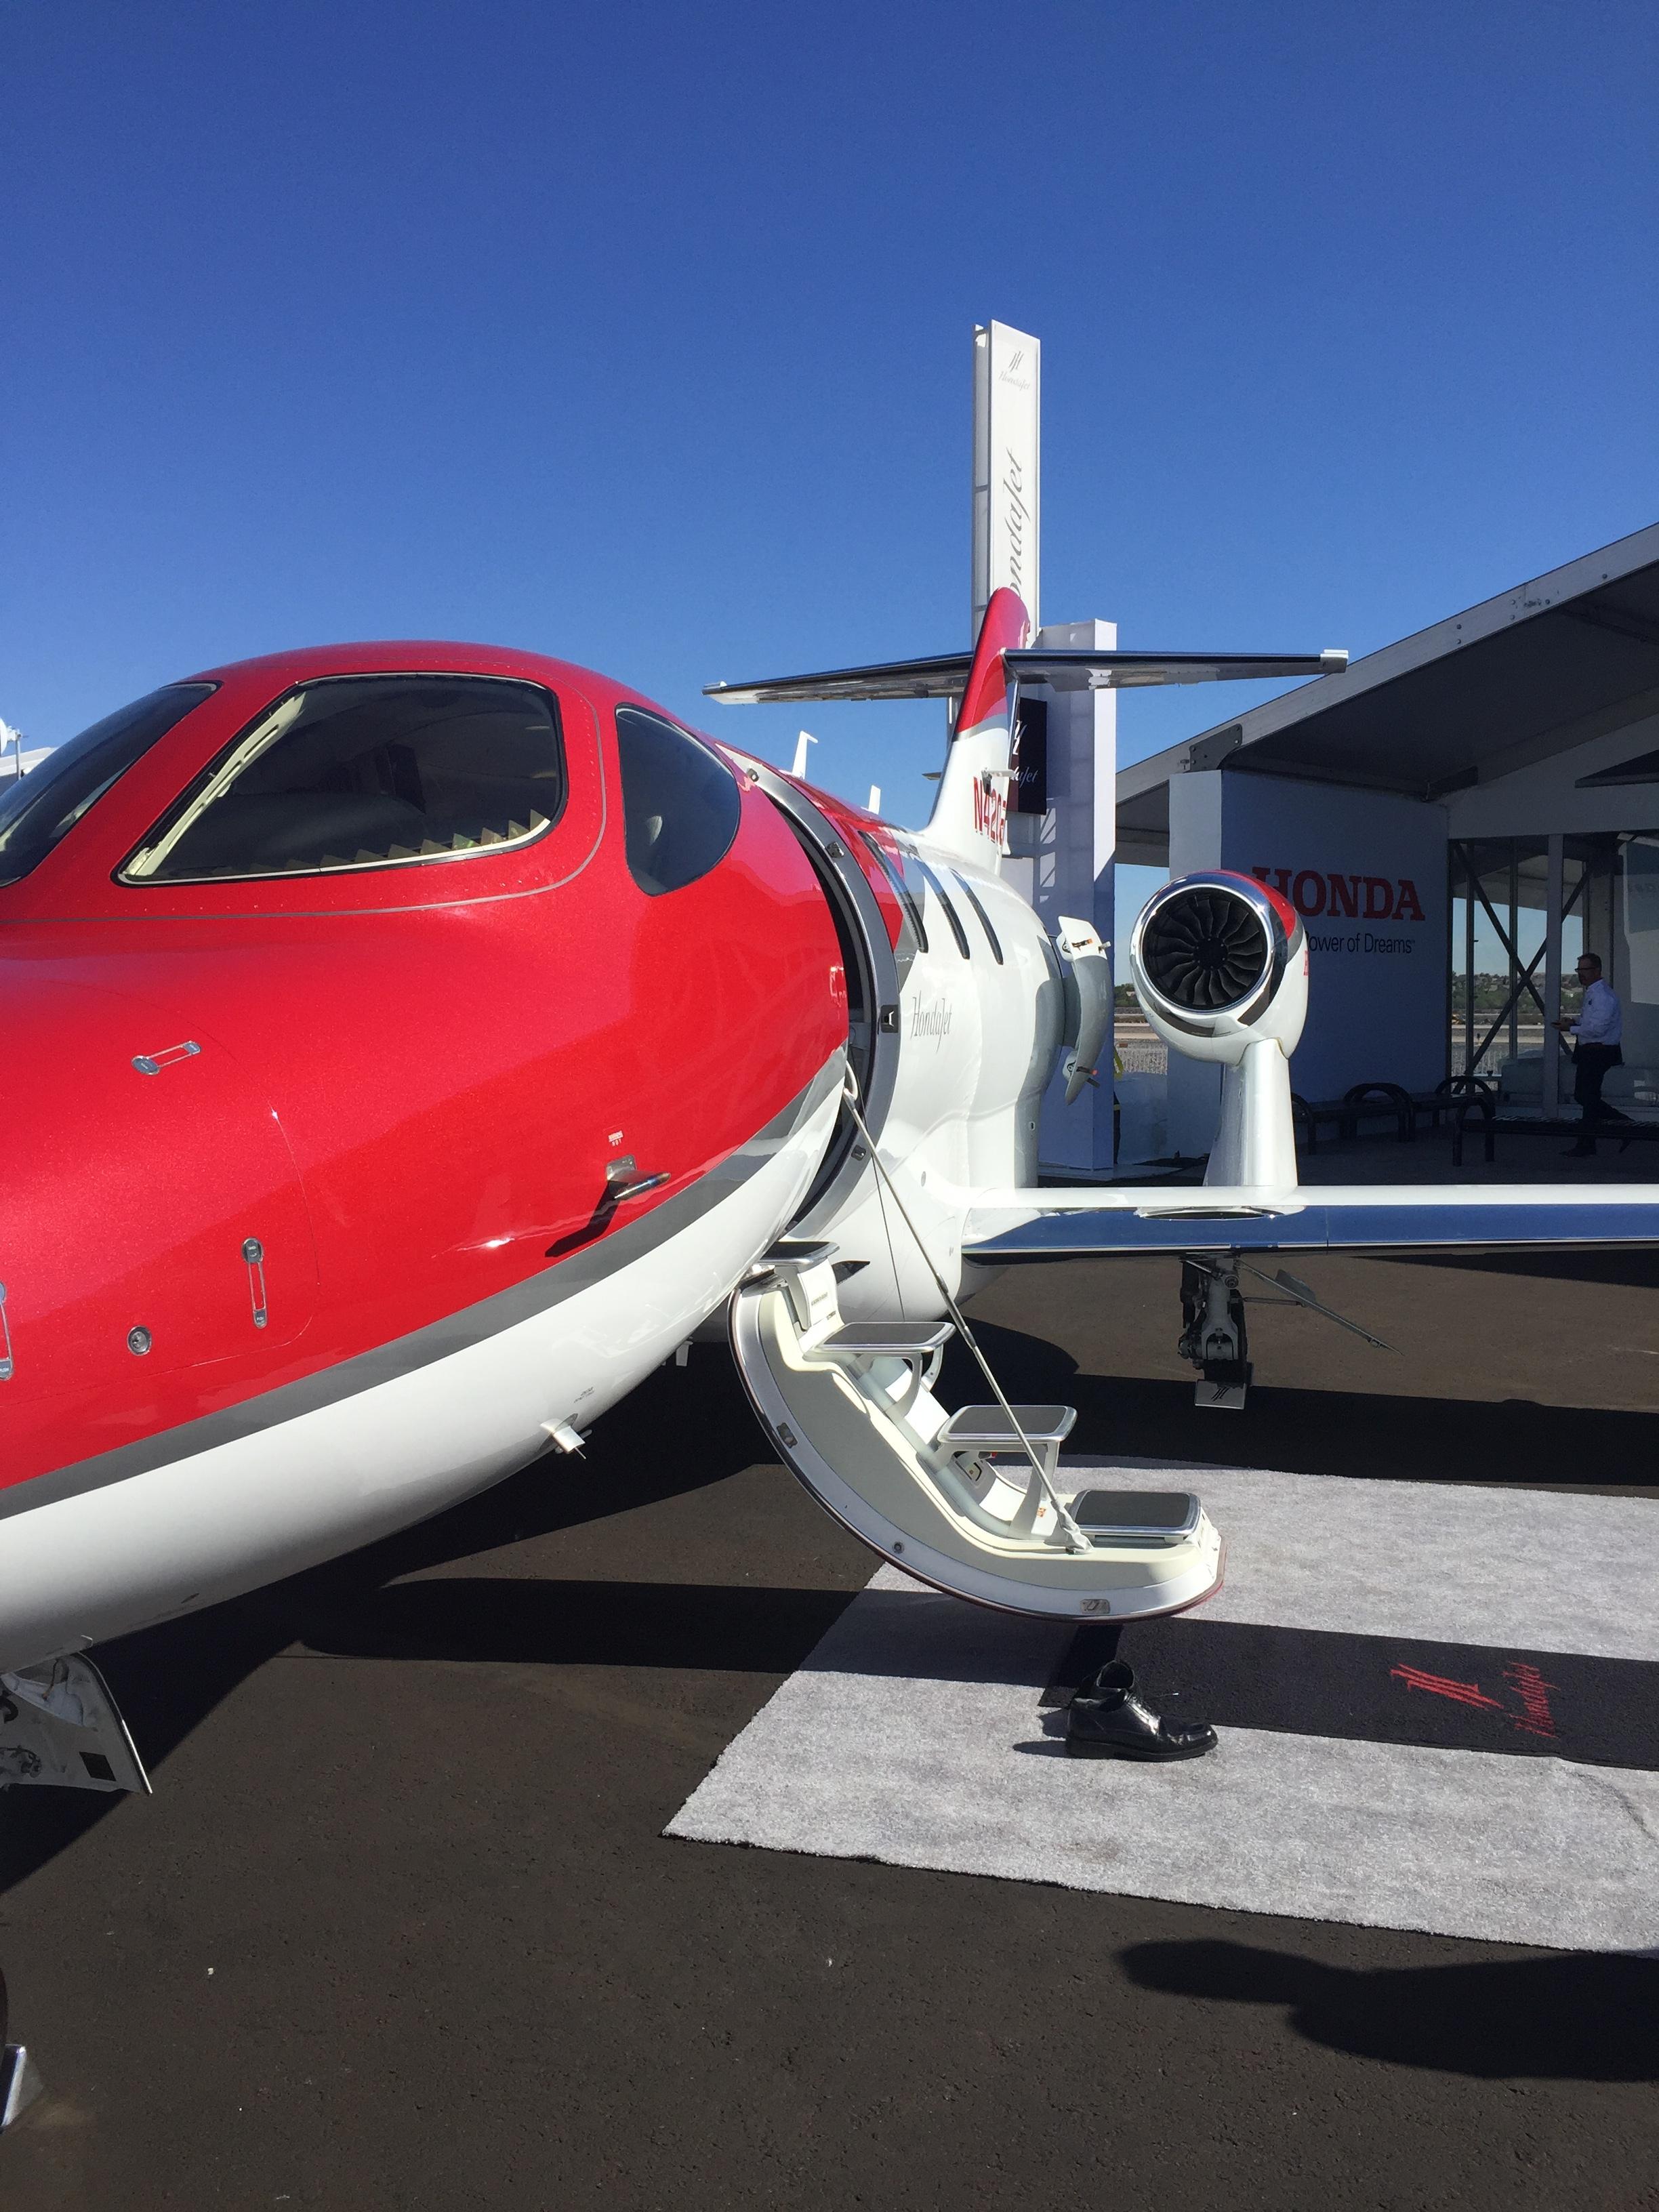 Hondajet with wing-mounted engines